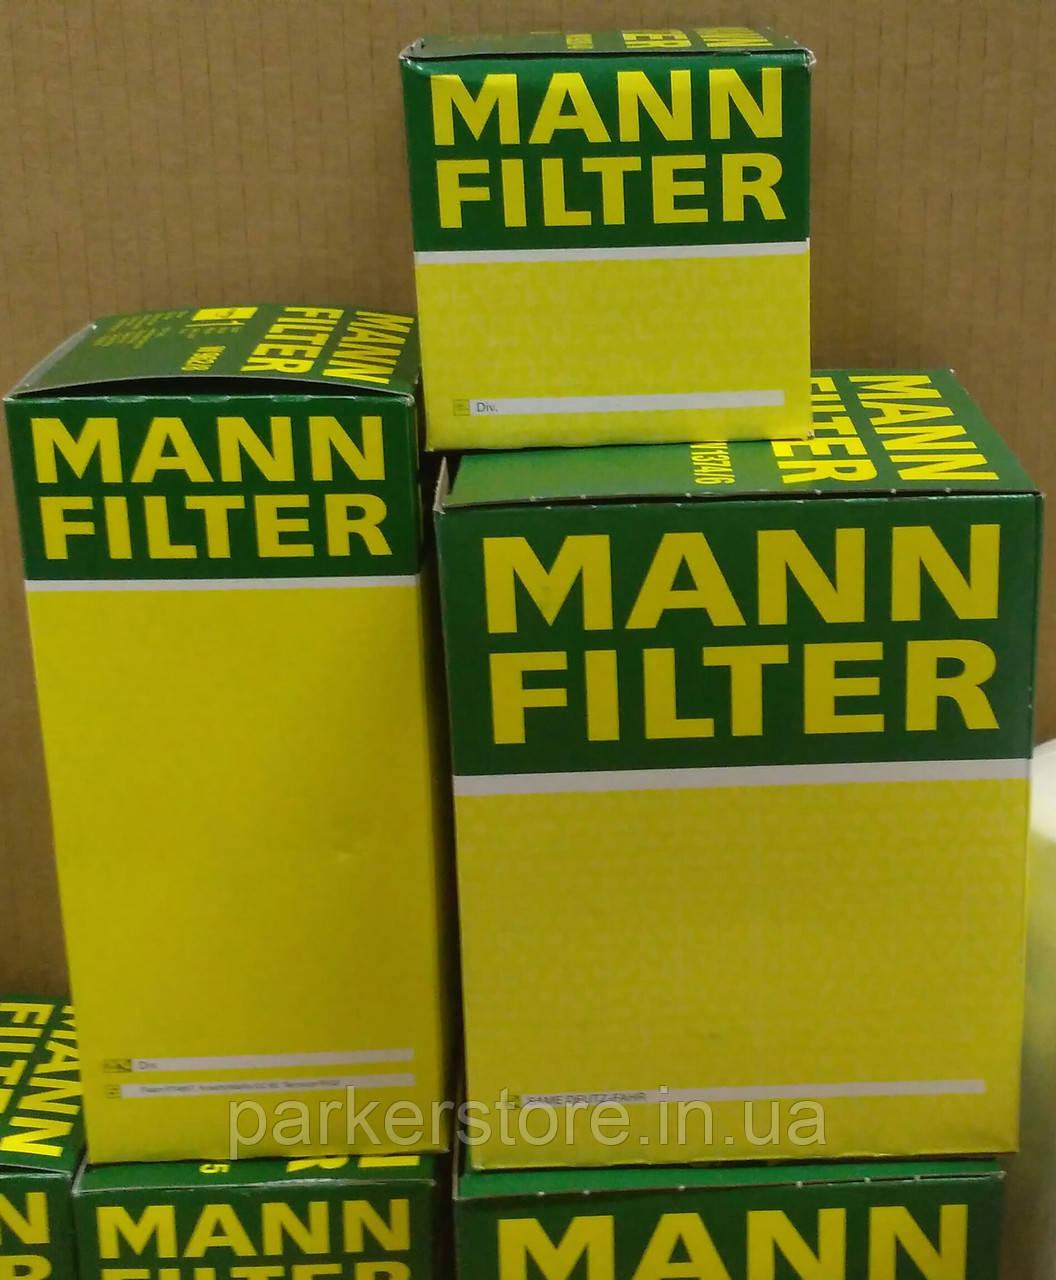 MANN FILTER / Воздушный фильтр / C 15 005 / C15005